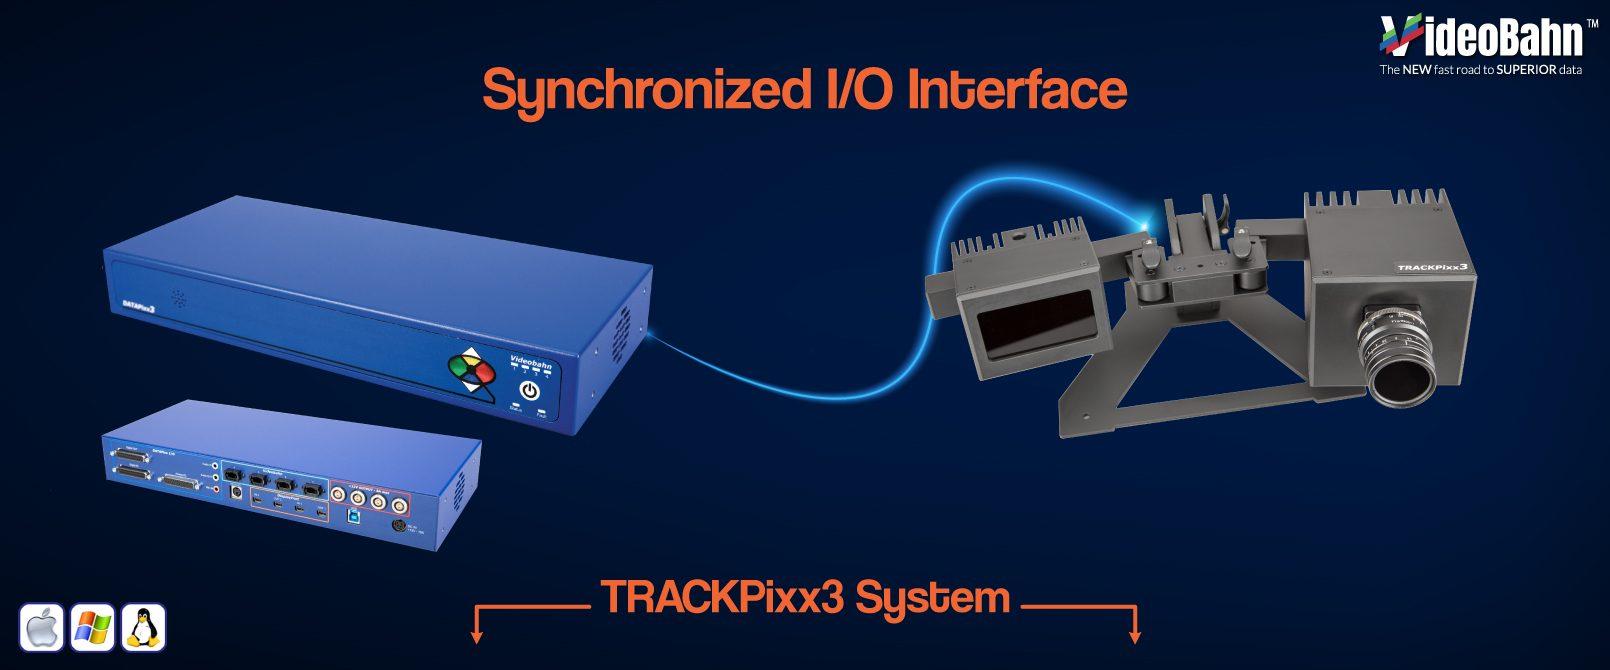 TRACKPixx3 – VPixx Technologies